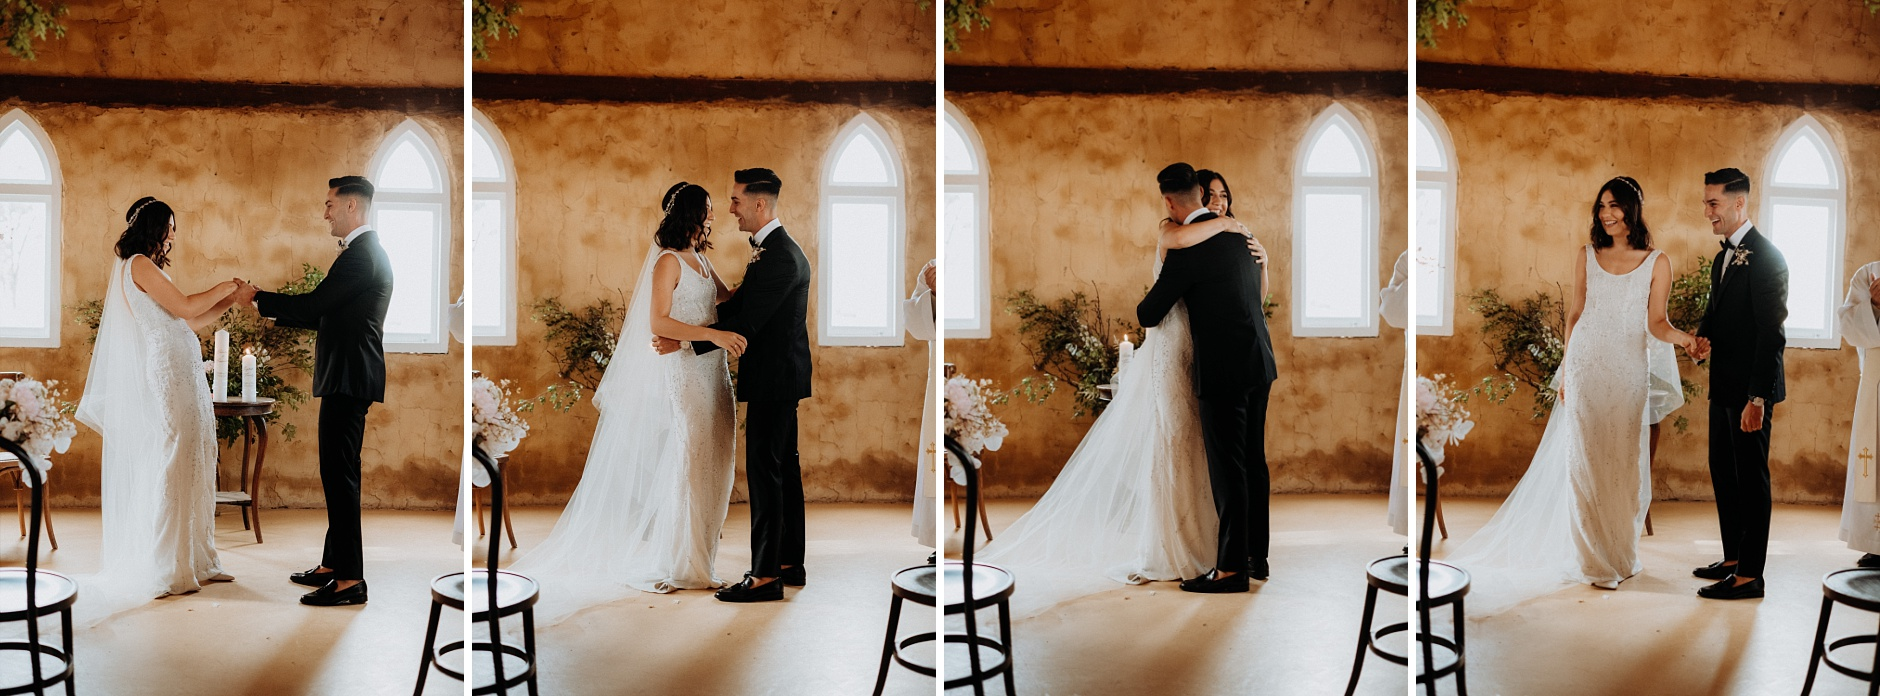 cassandra&cameron0448a_Peppers-Creek-Wedding.jpg